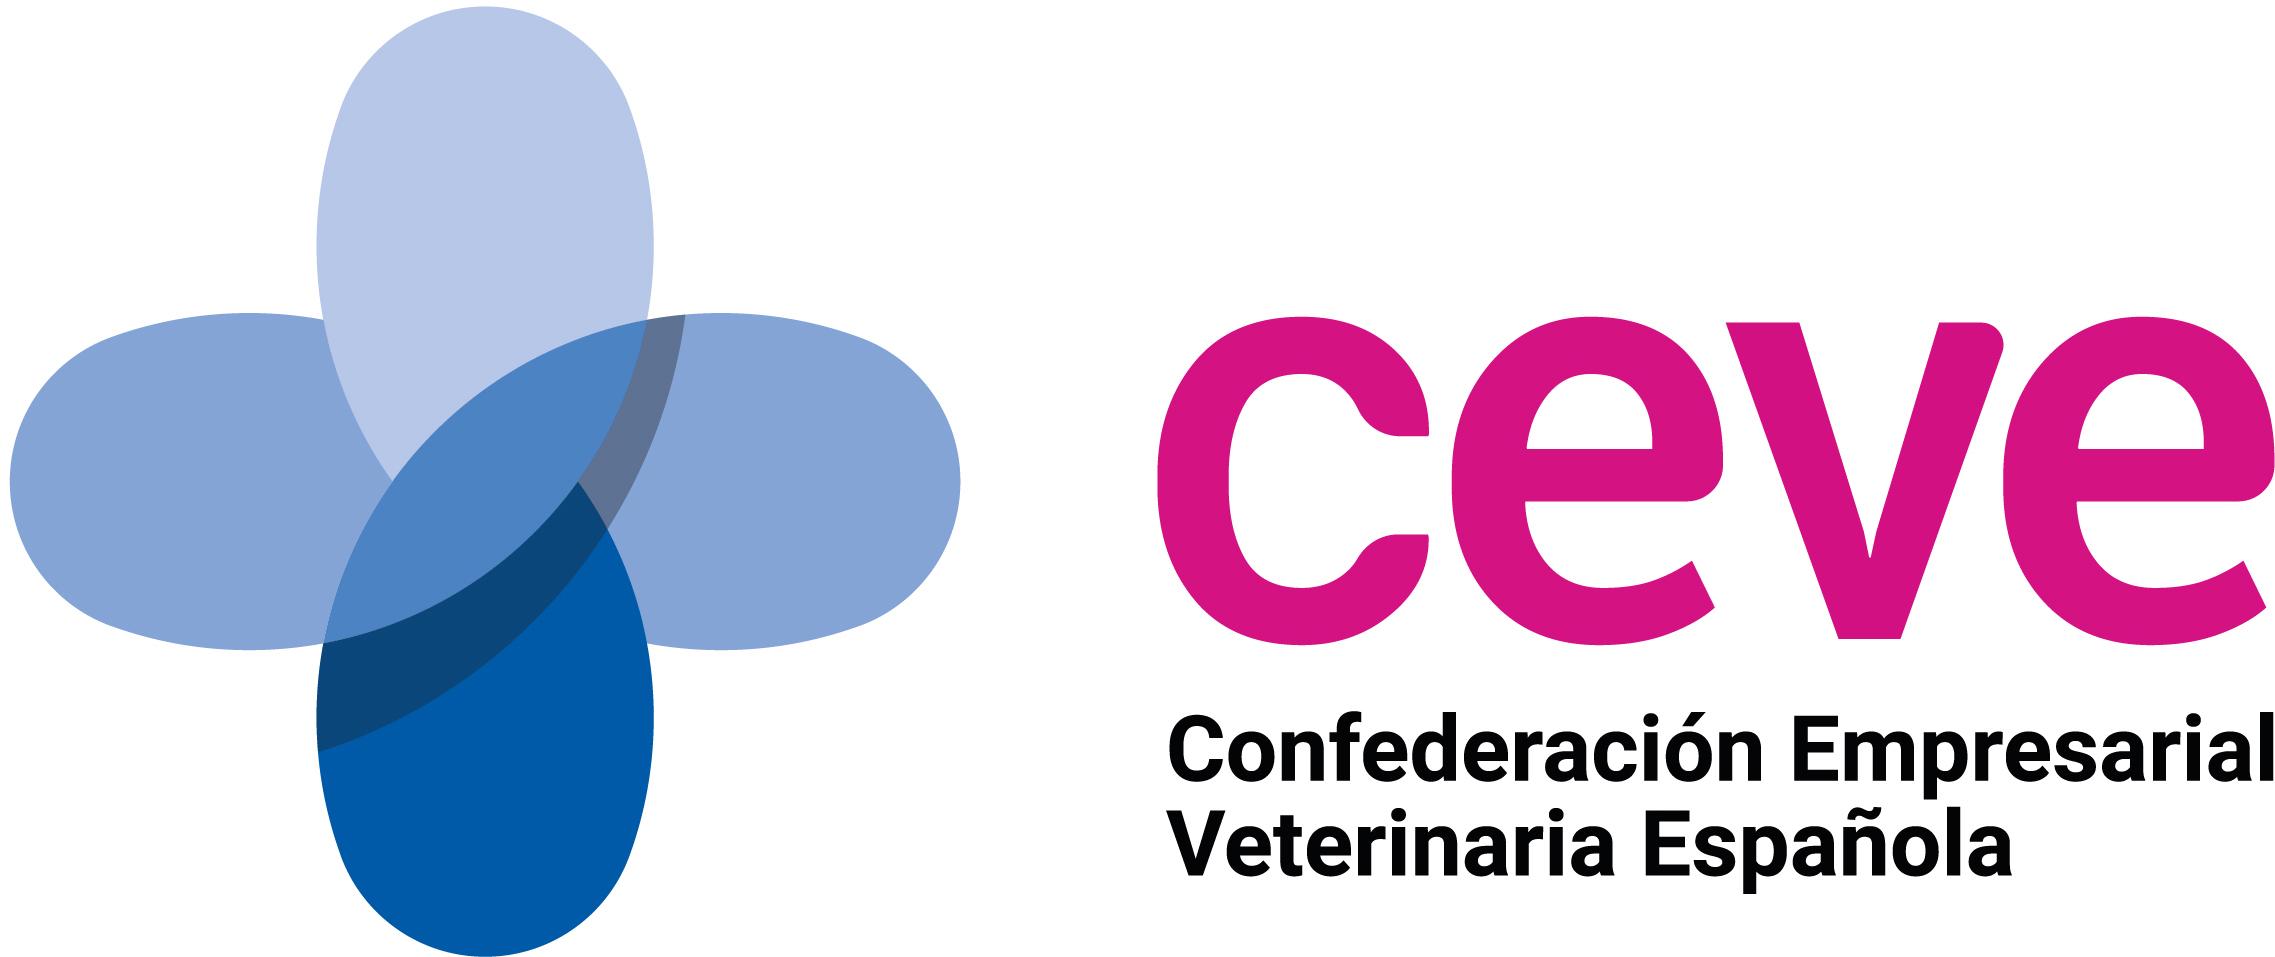 Confederación empresarial veterinaria española